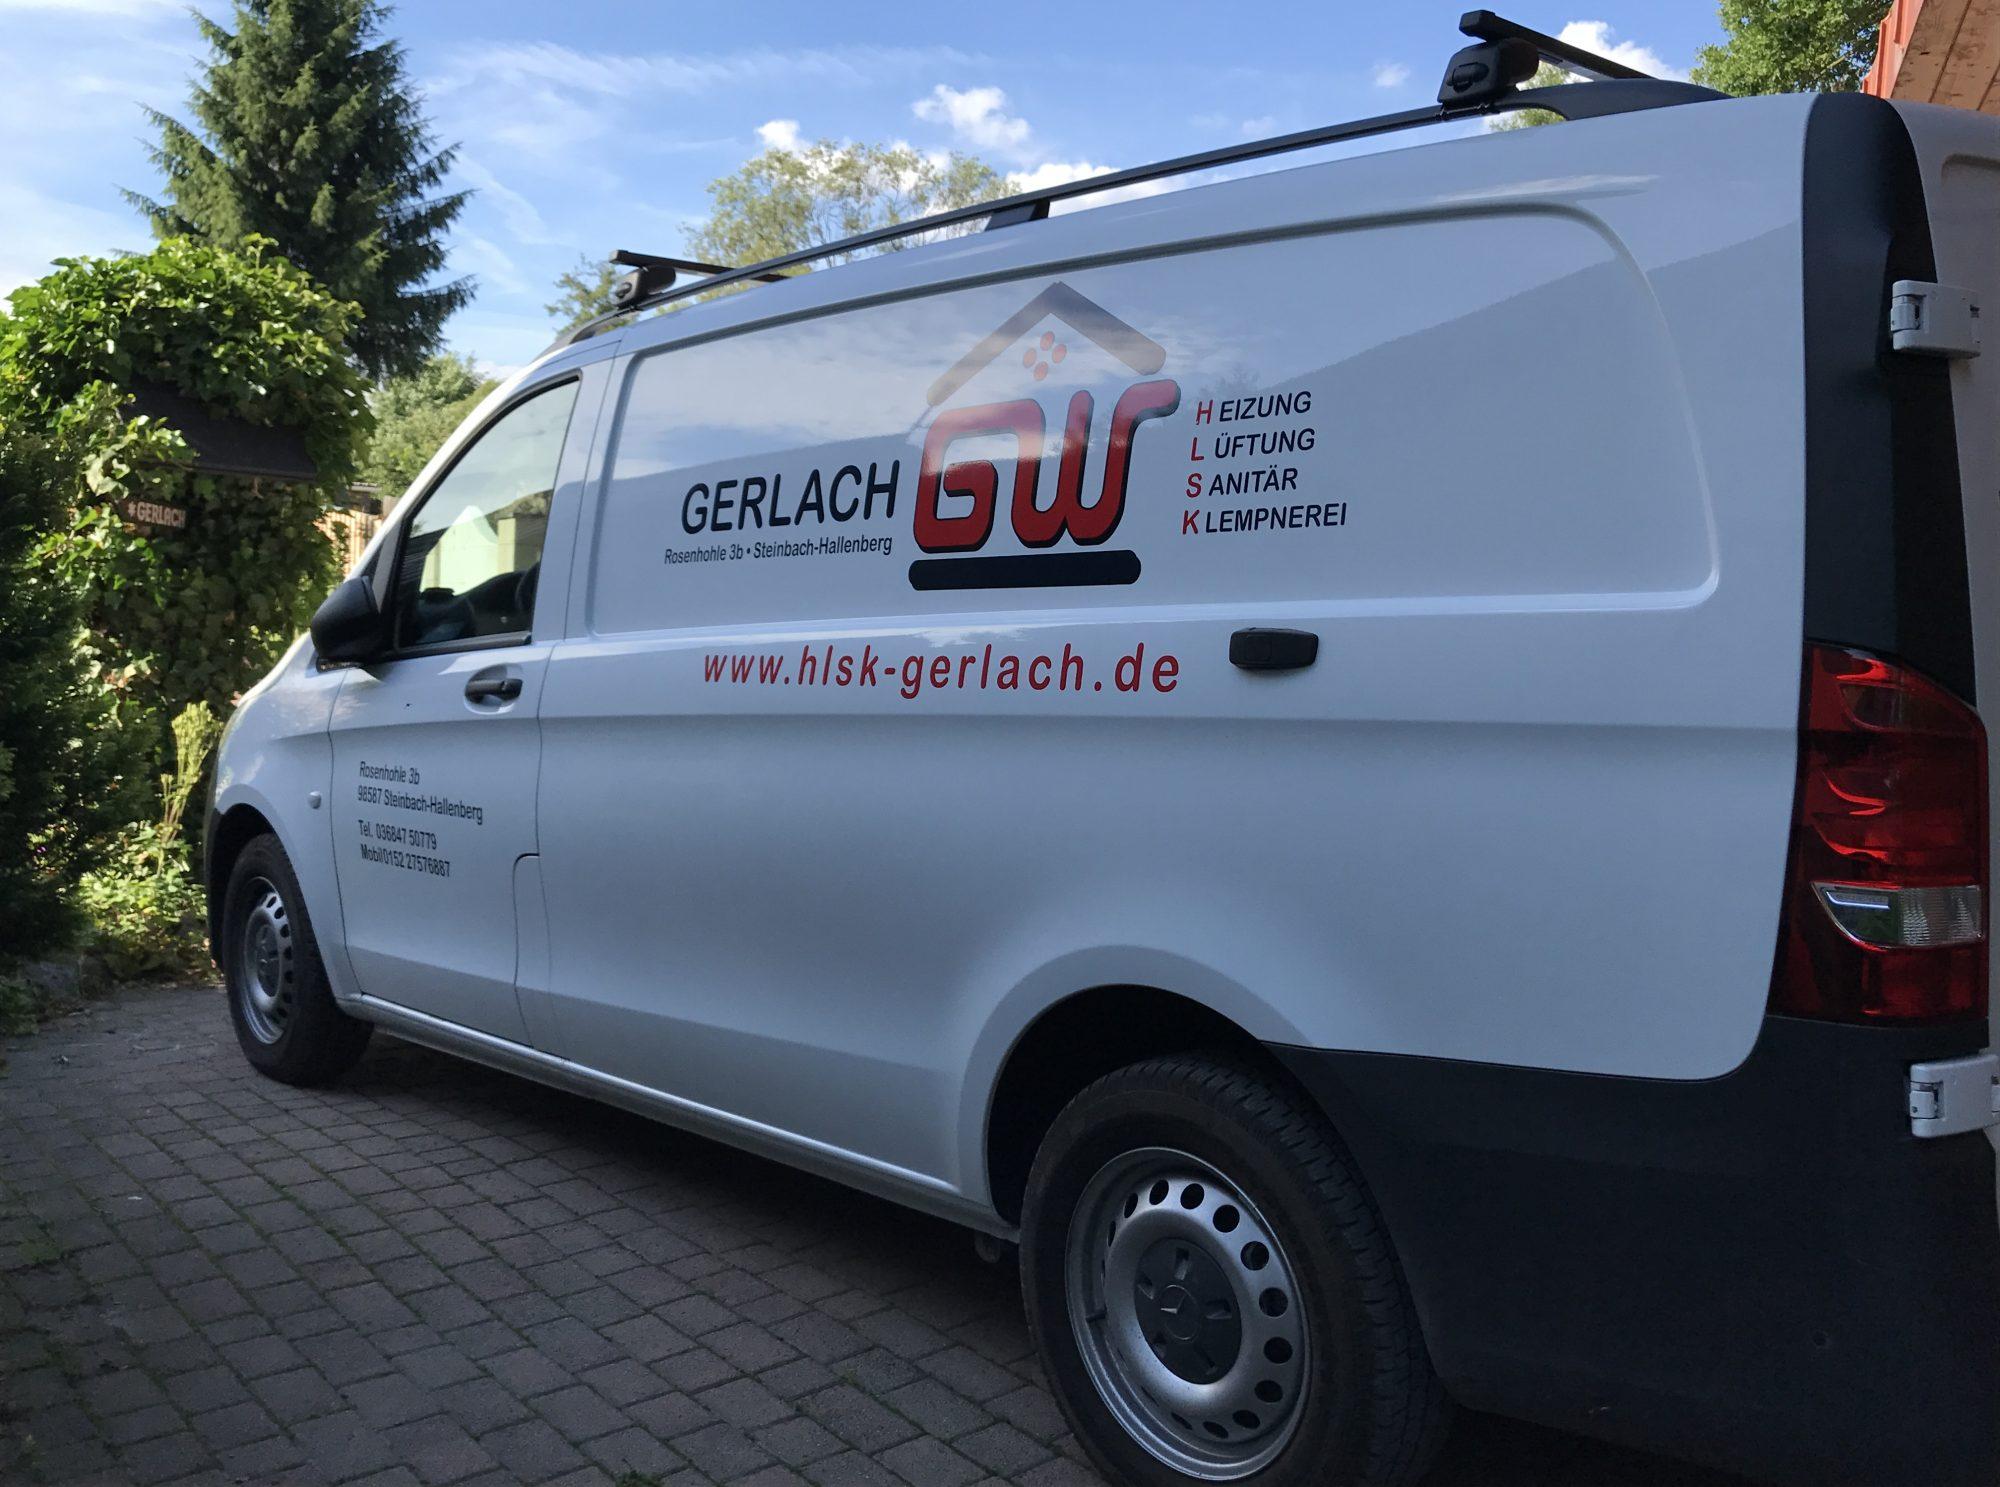 HLSK-Gerlach